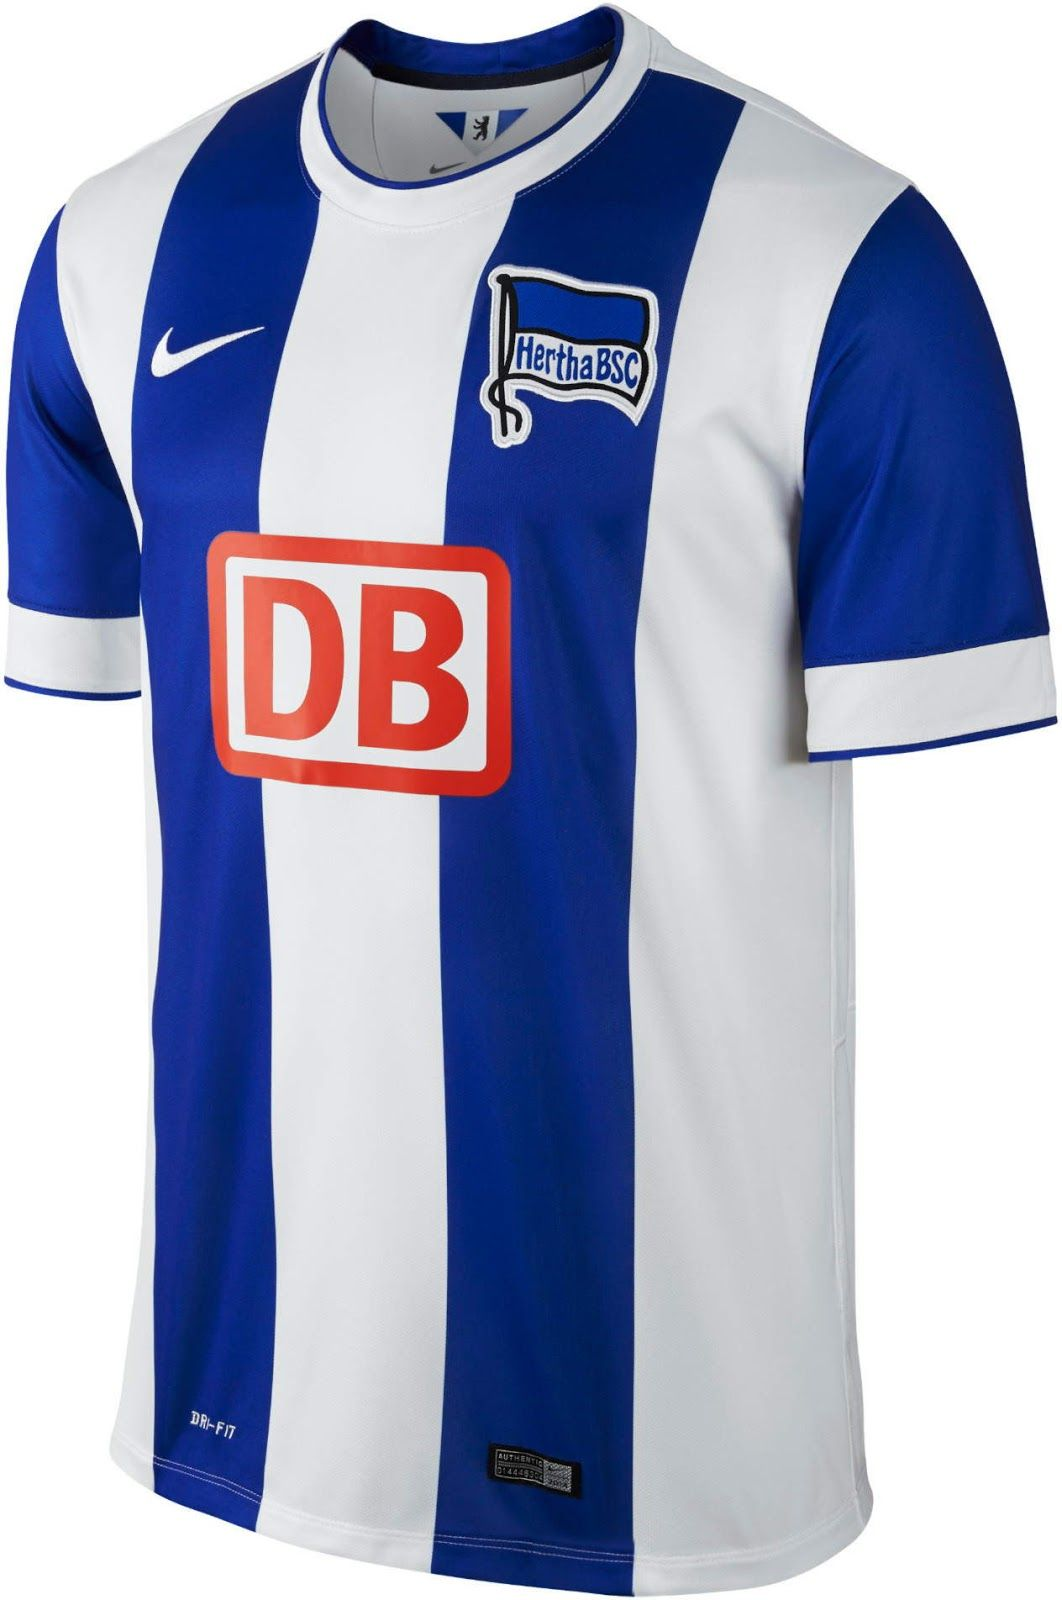 e19178a5f Nike – Hertha BSC